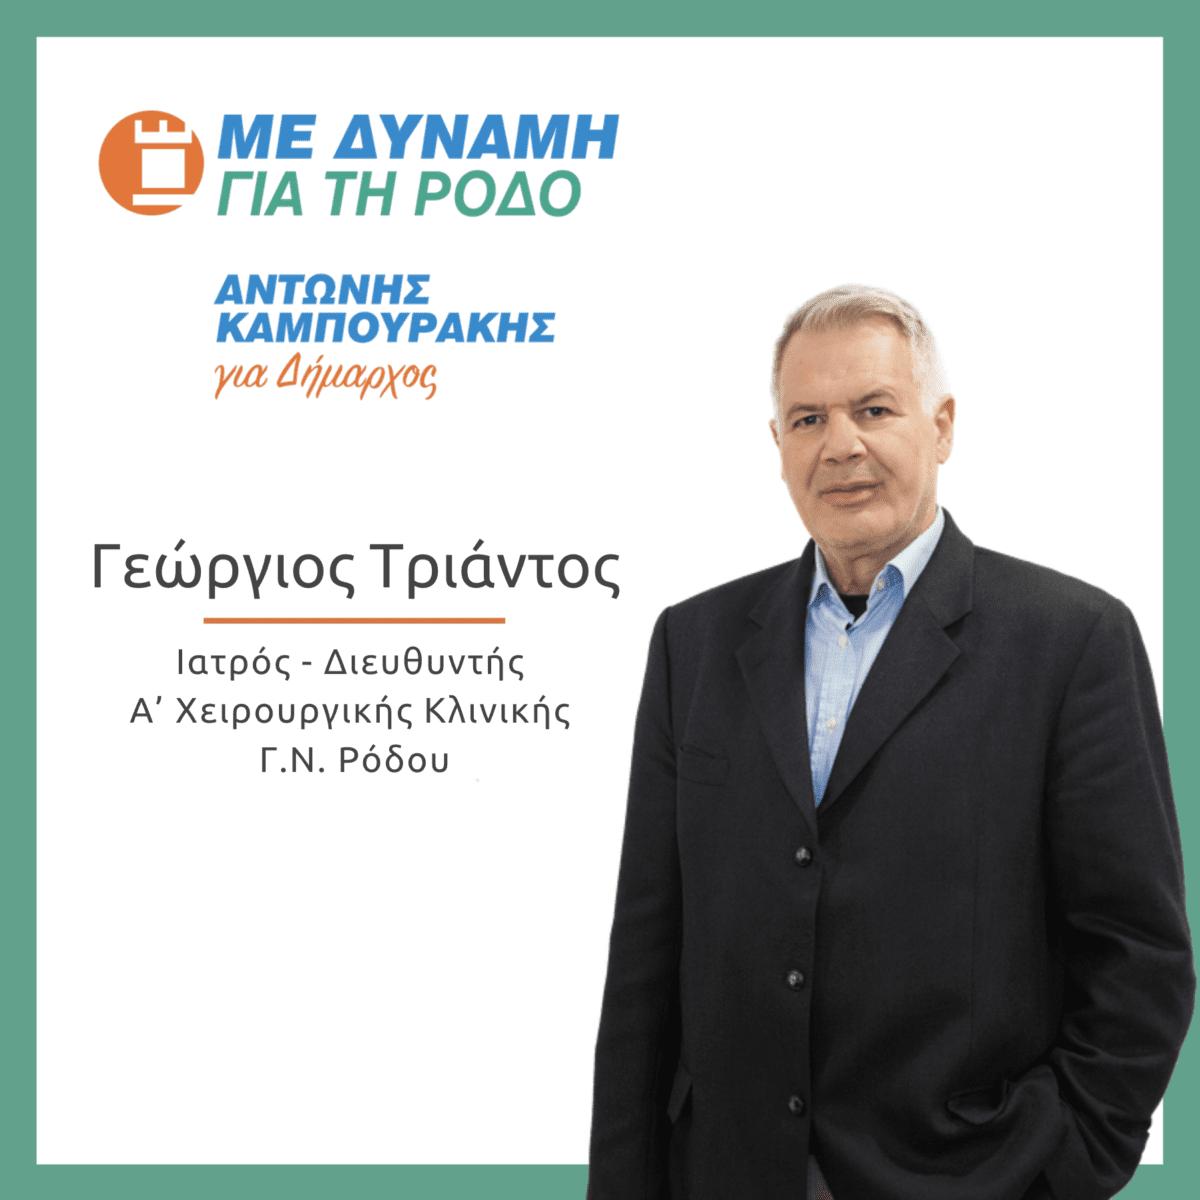 Ο Γιώργος Τριάντος υποψήφιος με τον Αντώνη Καμπουράκη